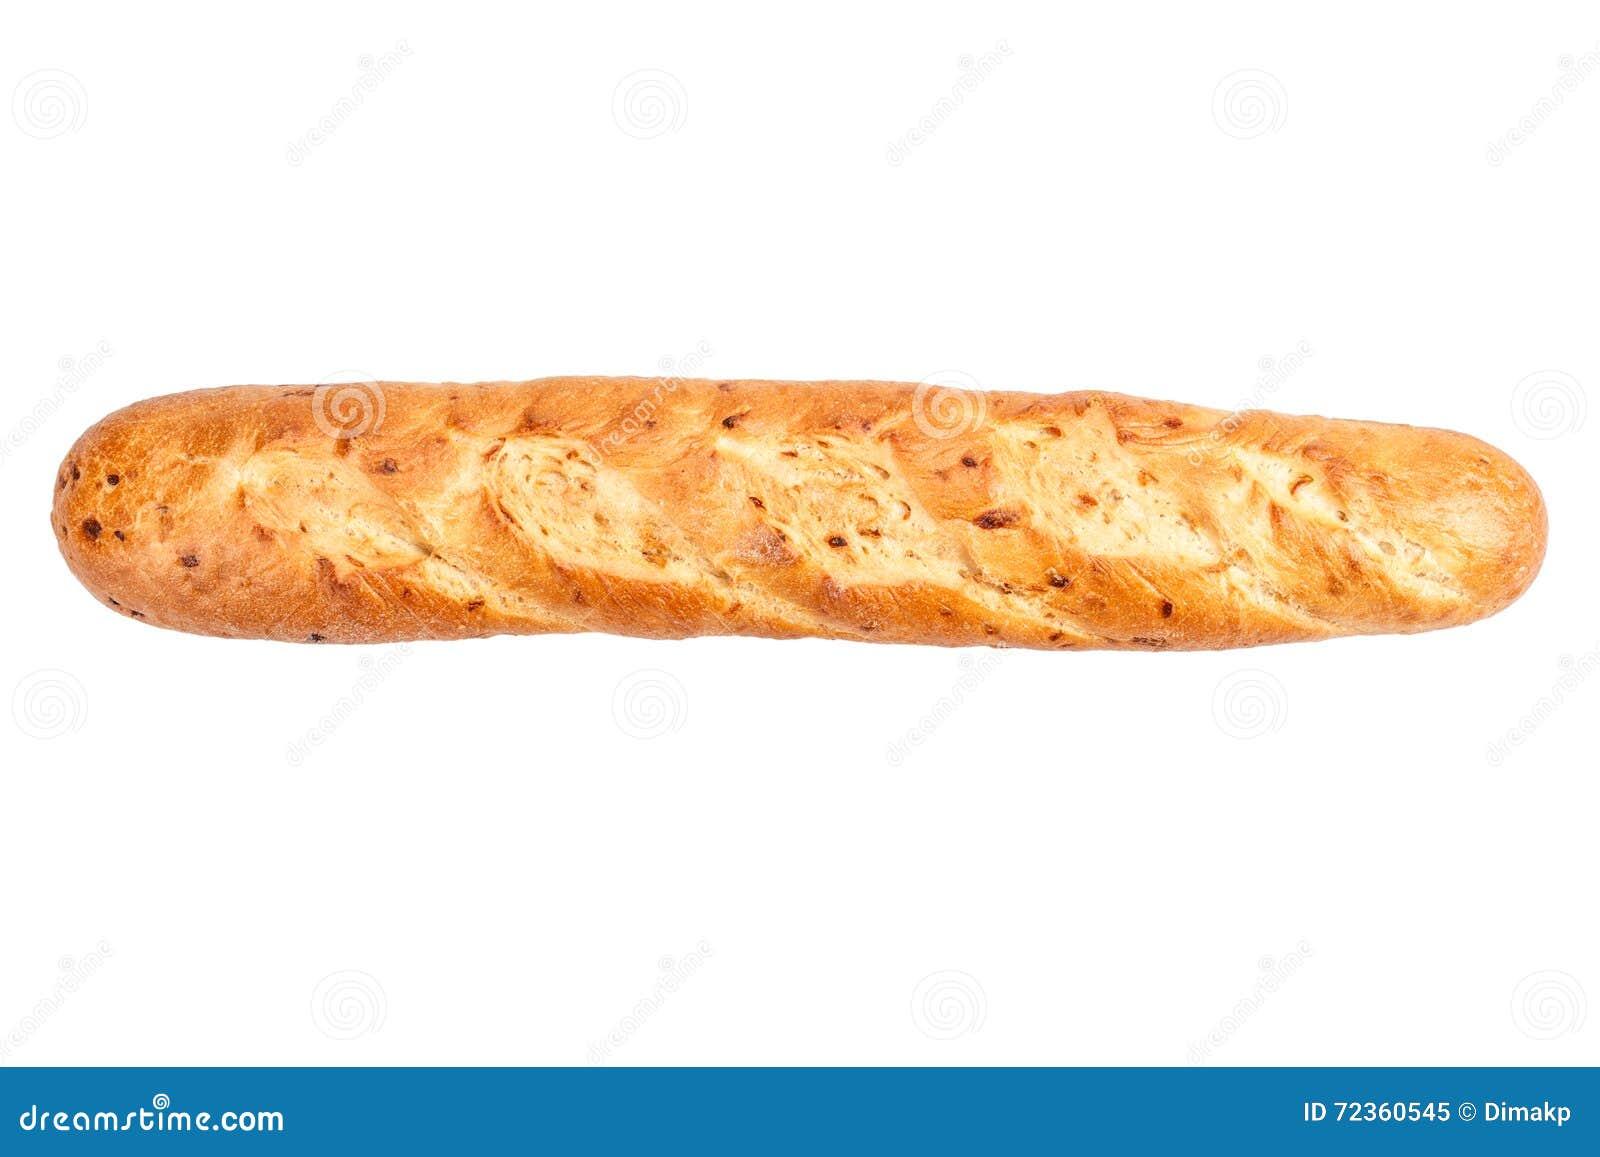 长方形宝石大面包